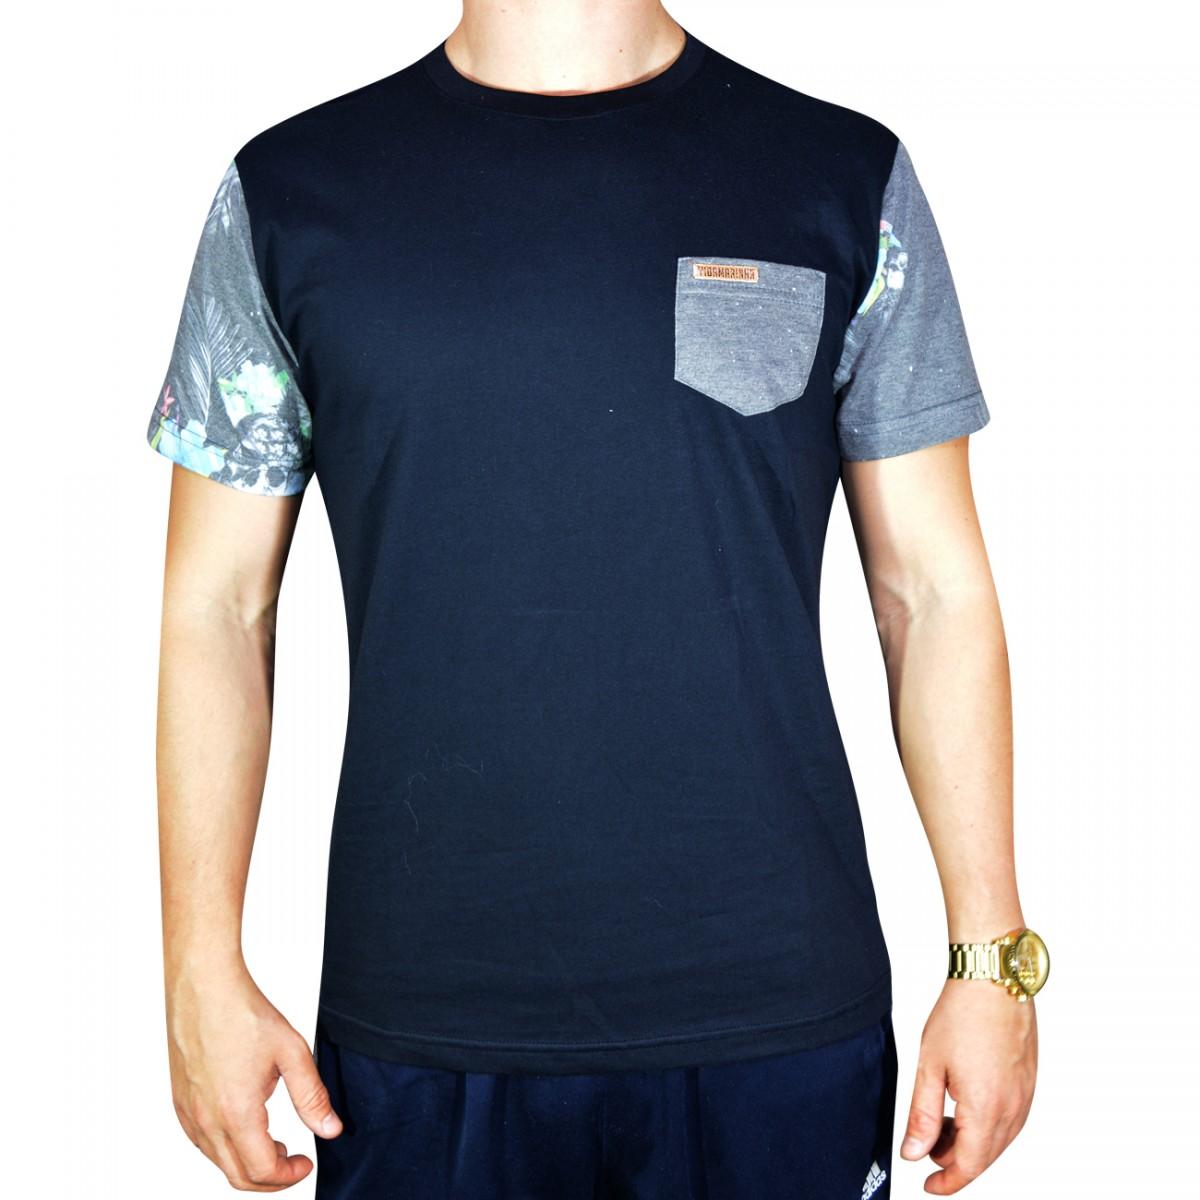 7a3df3104a5 Camiseta Vida Marinha 2217 CM2217 - Preto - Chuteira Nike 7486f68f969d5